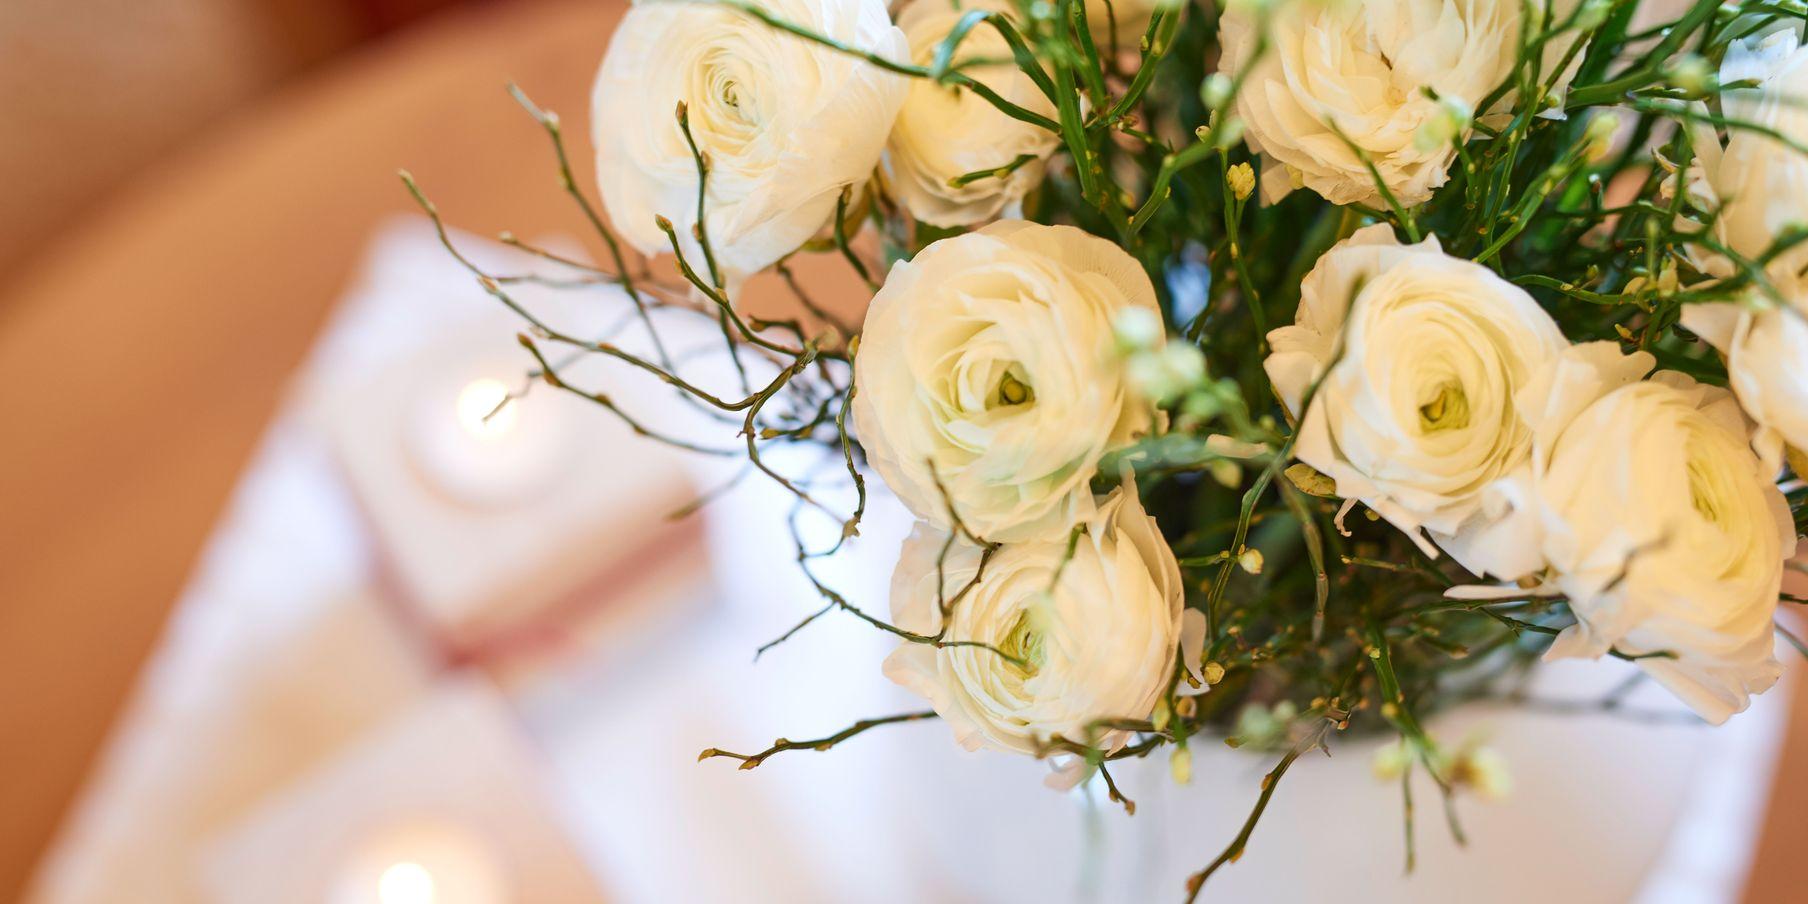 Detailaufnahmen Blumenstrauss von oben